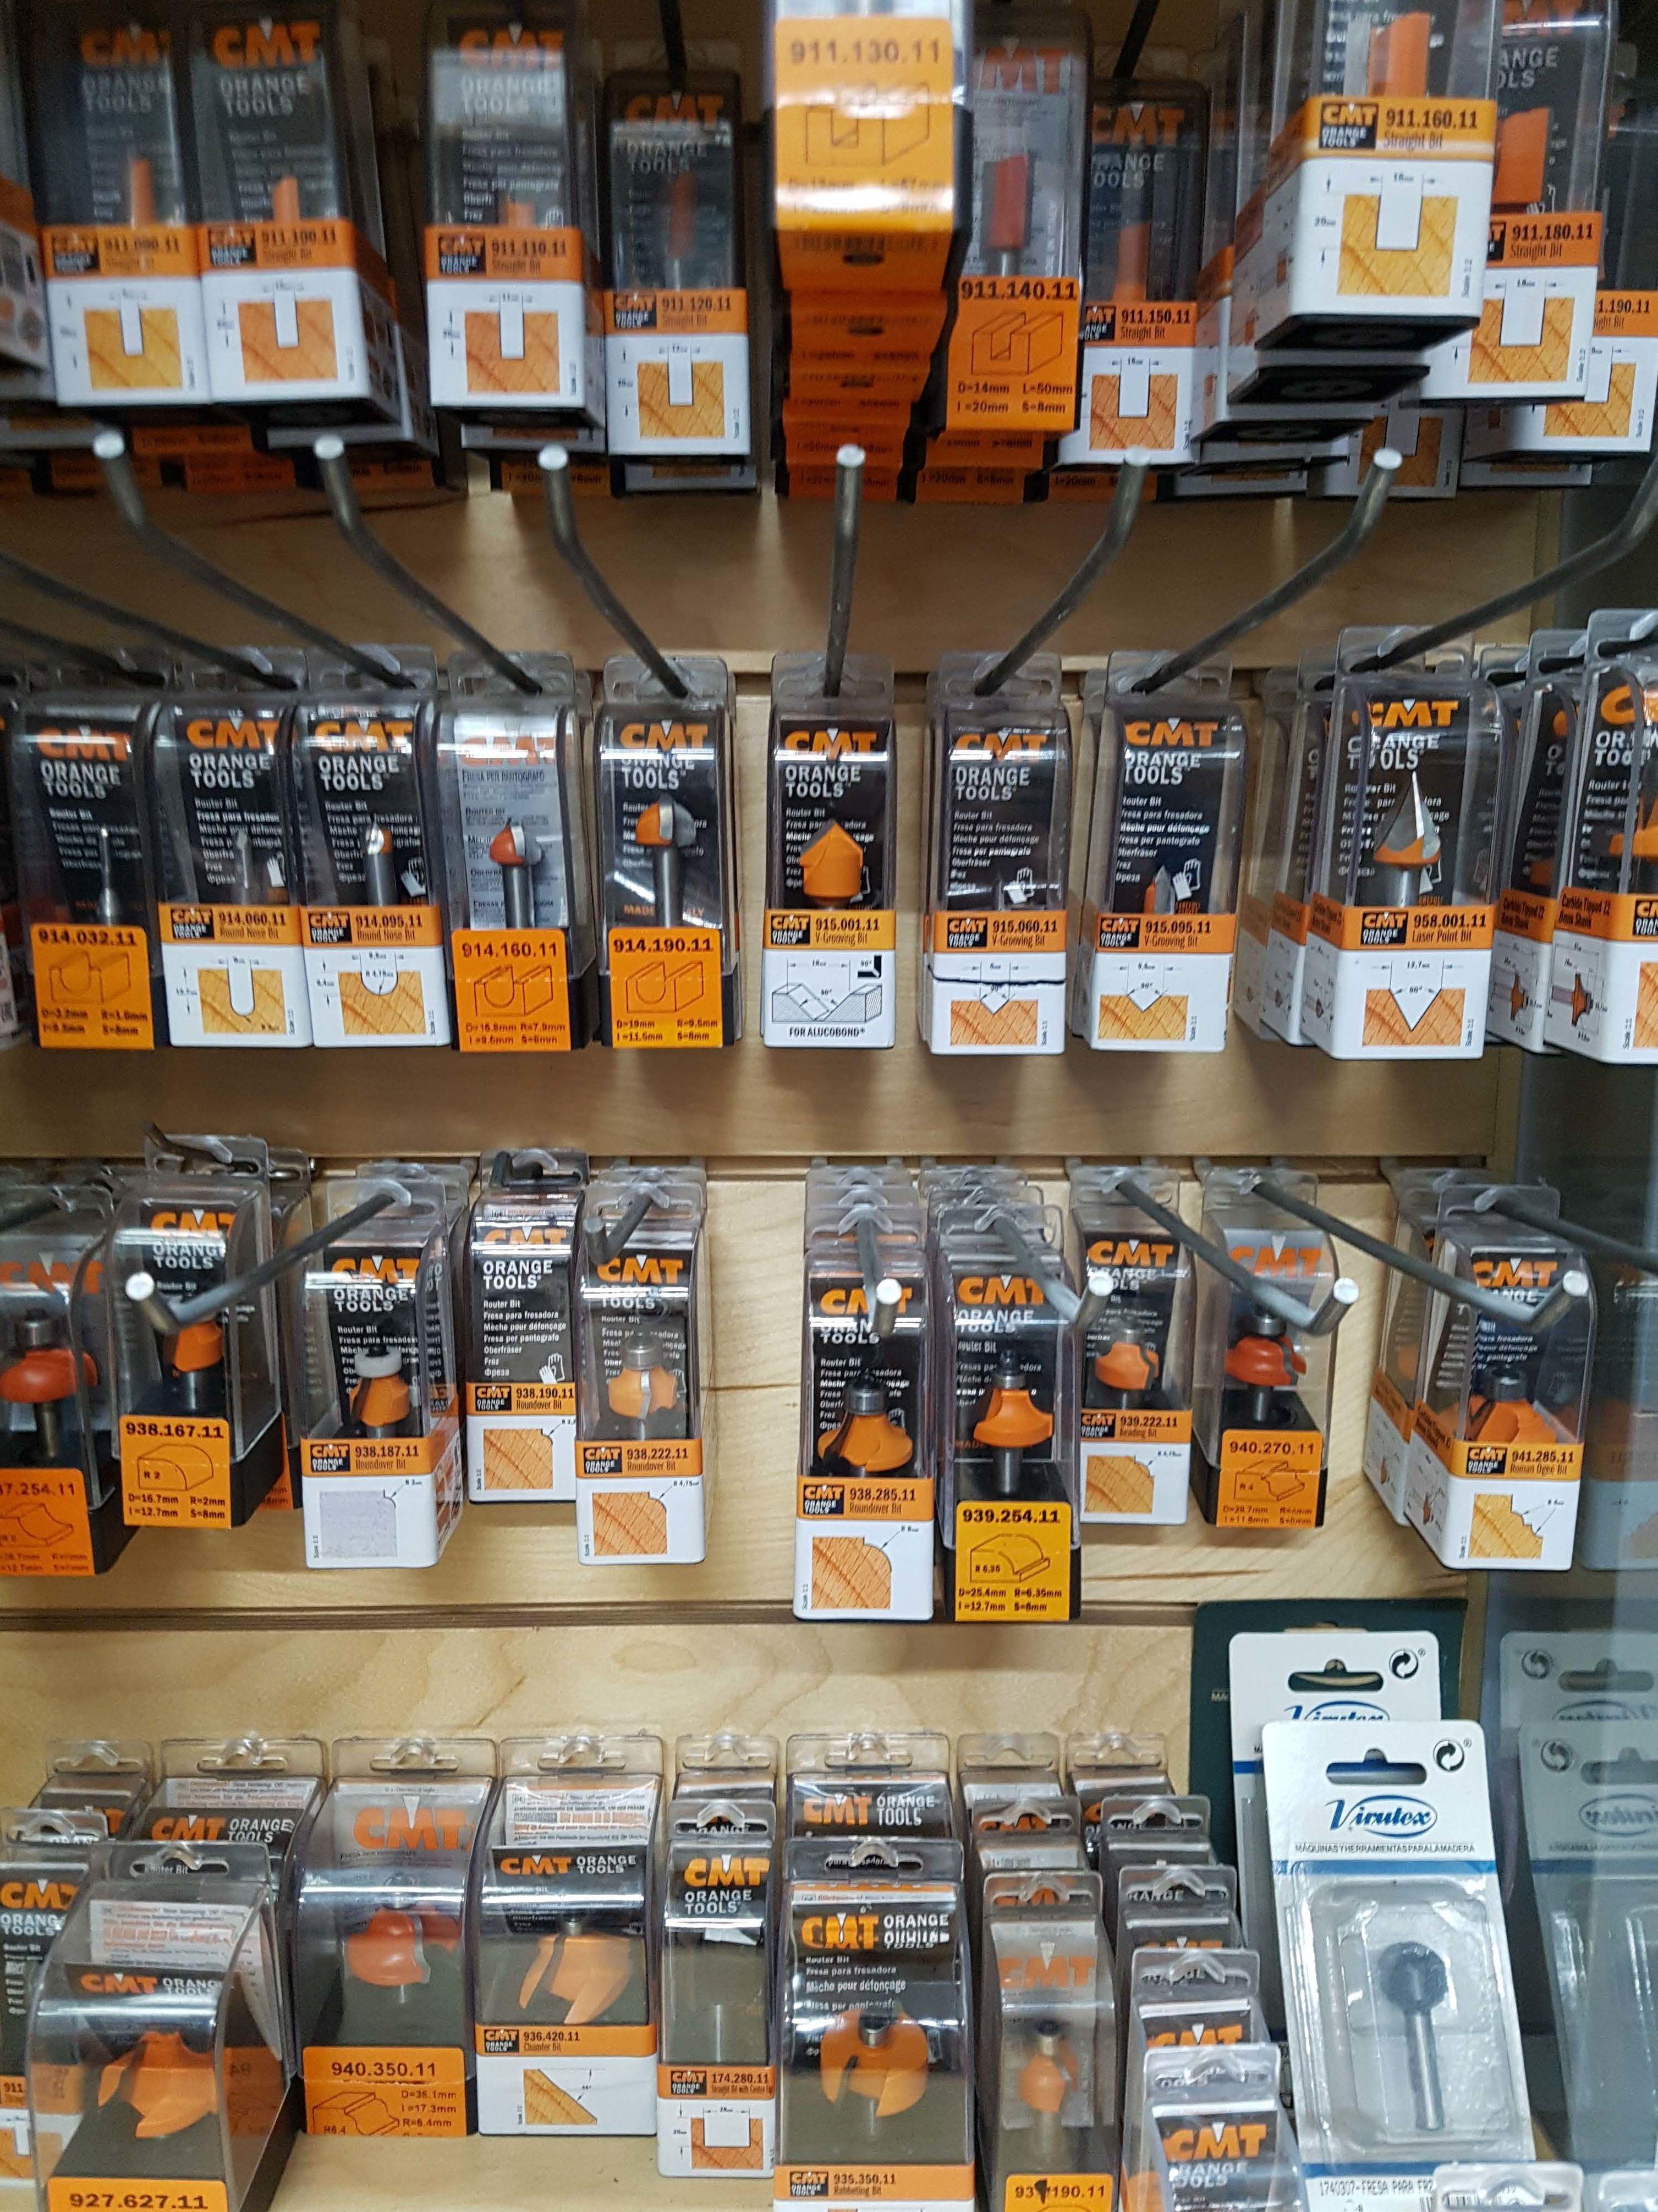 Foto 30 de Venta de herramientas en  | Comercial Cambel